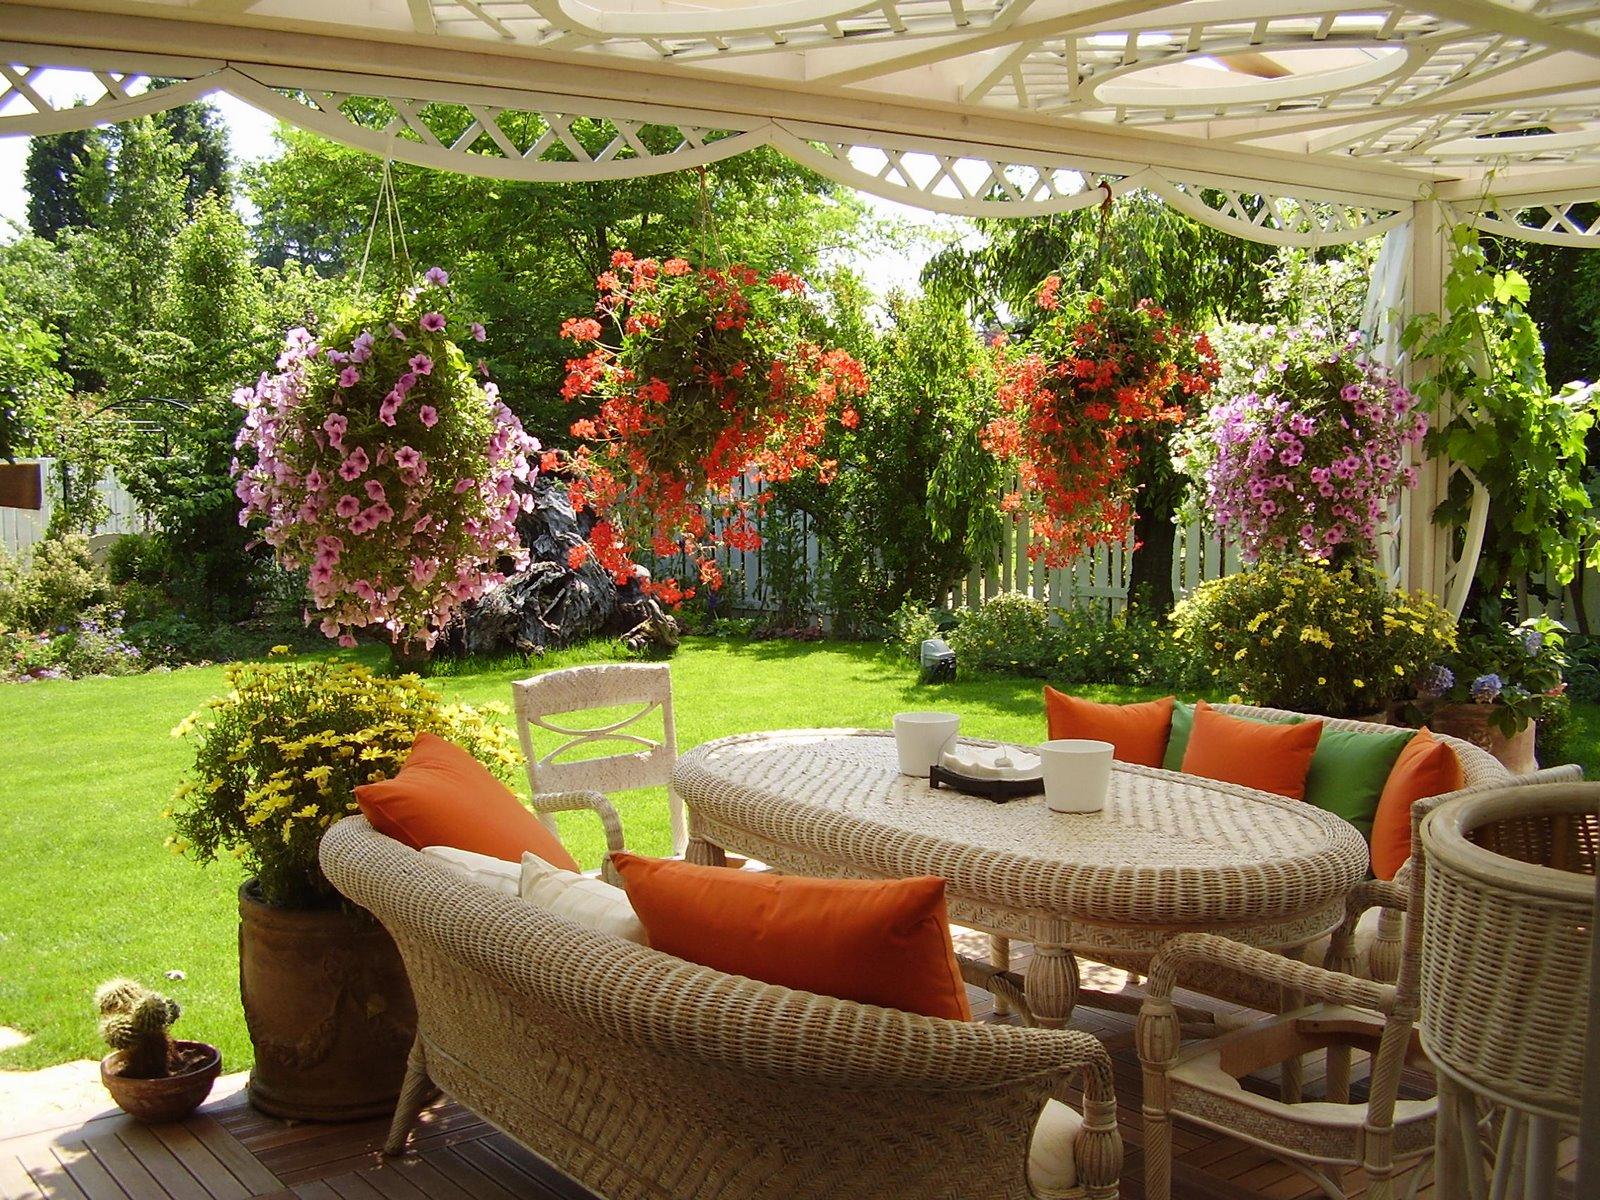 Architetto Di Giardini verdiprogetti architettura del paesaggio: progetto di